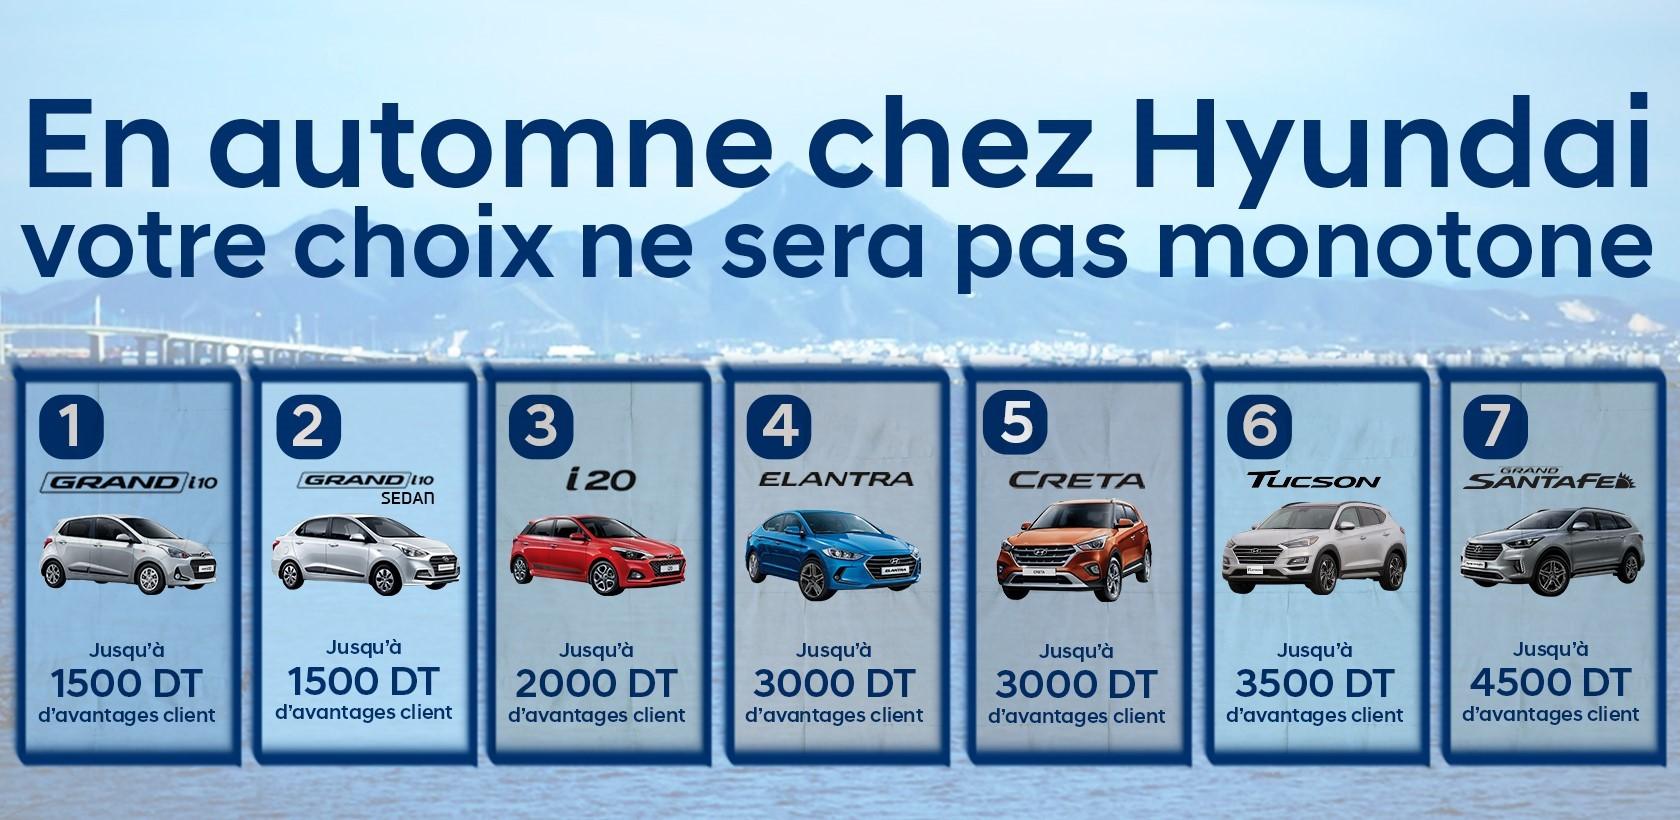 Des promos chez Hyundai Tunisie pour l'Automne